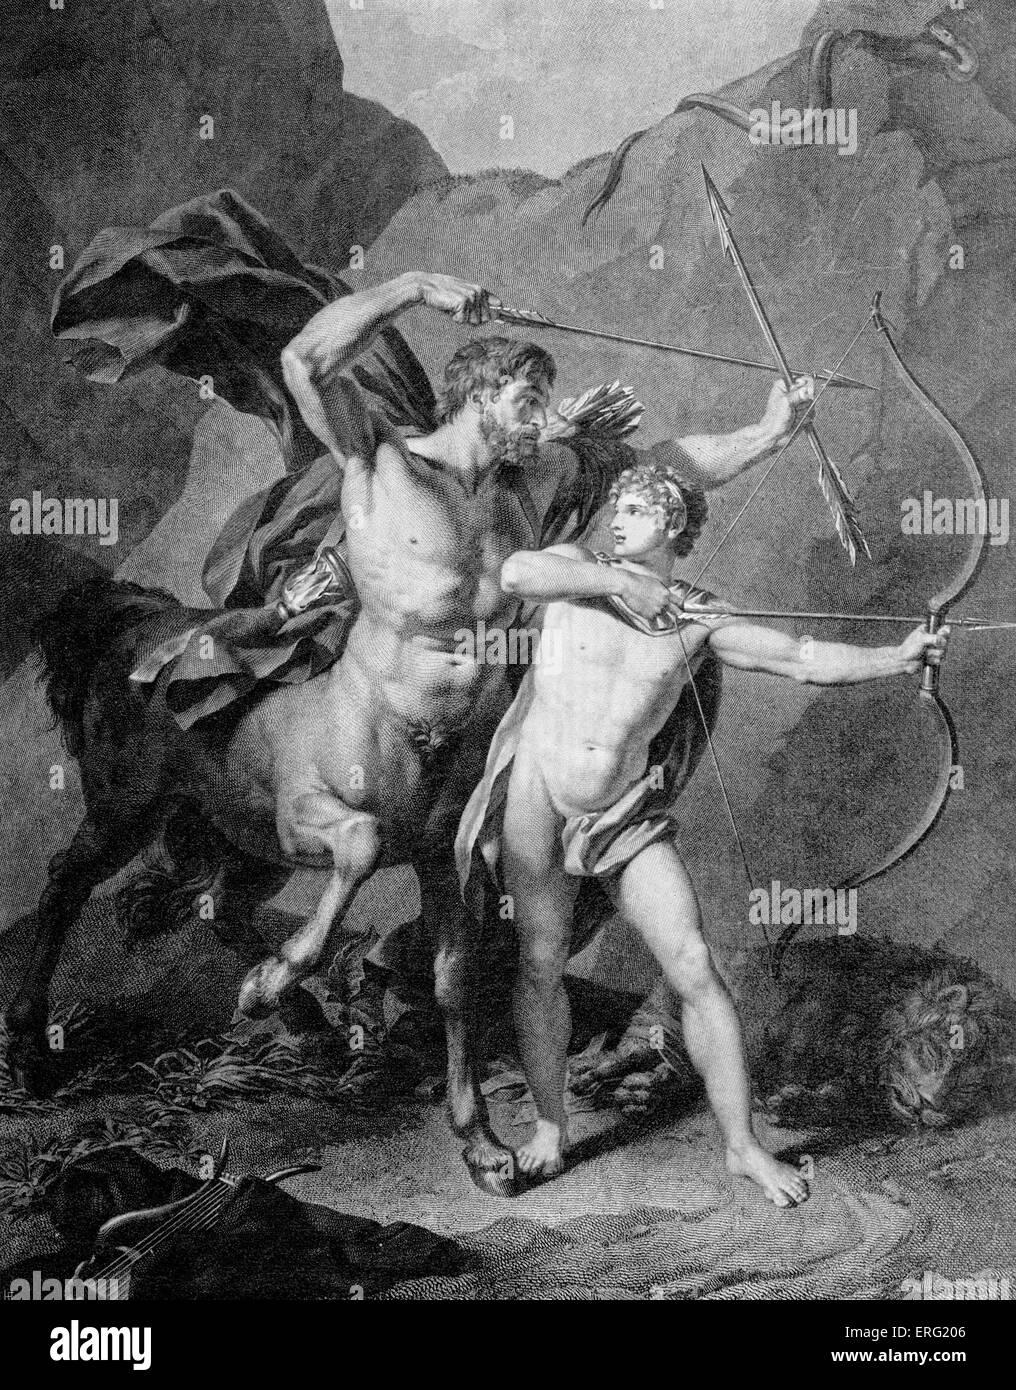 El joven Aquiles prácticas arquería con el centauro Quirón 6b67c04d75c8b